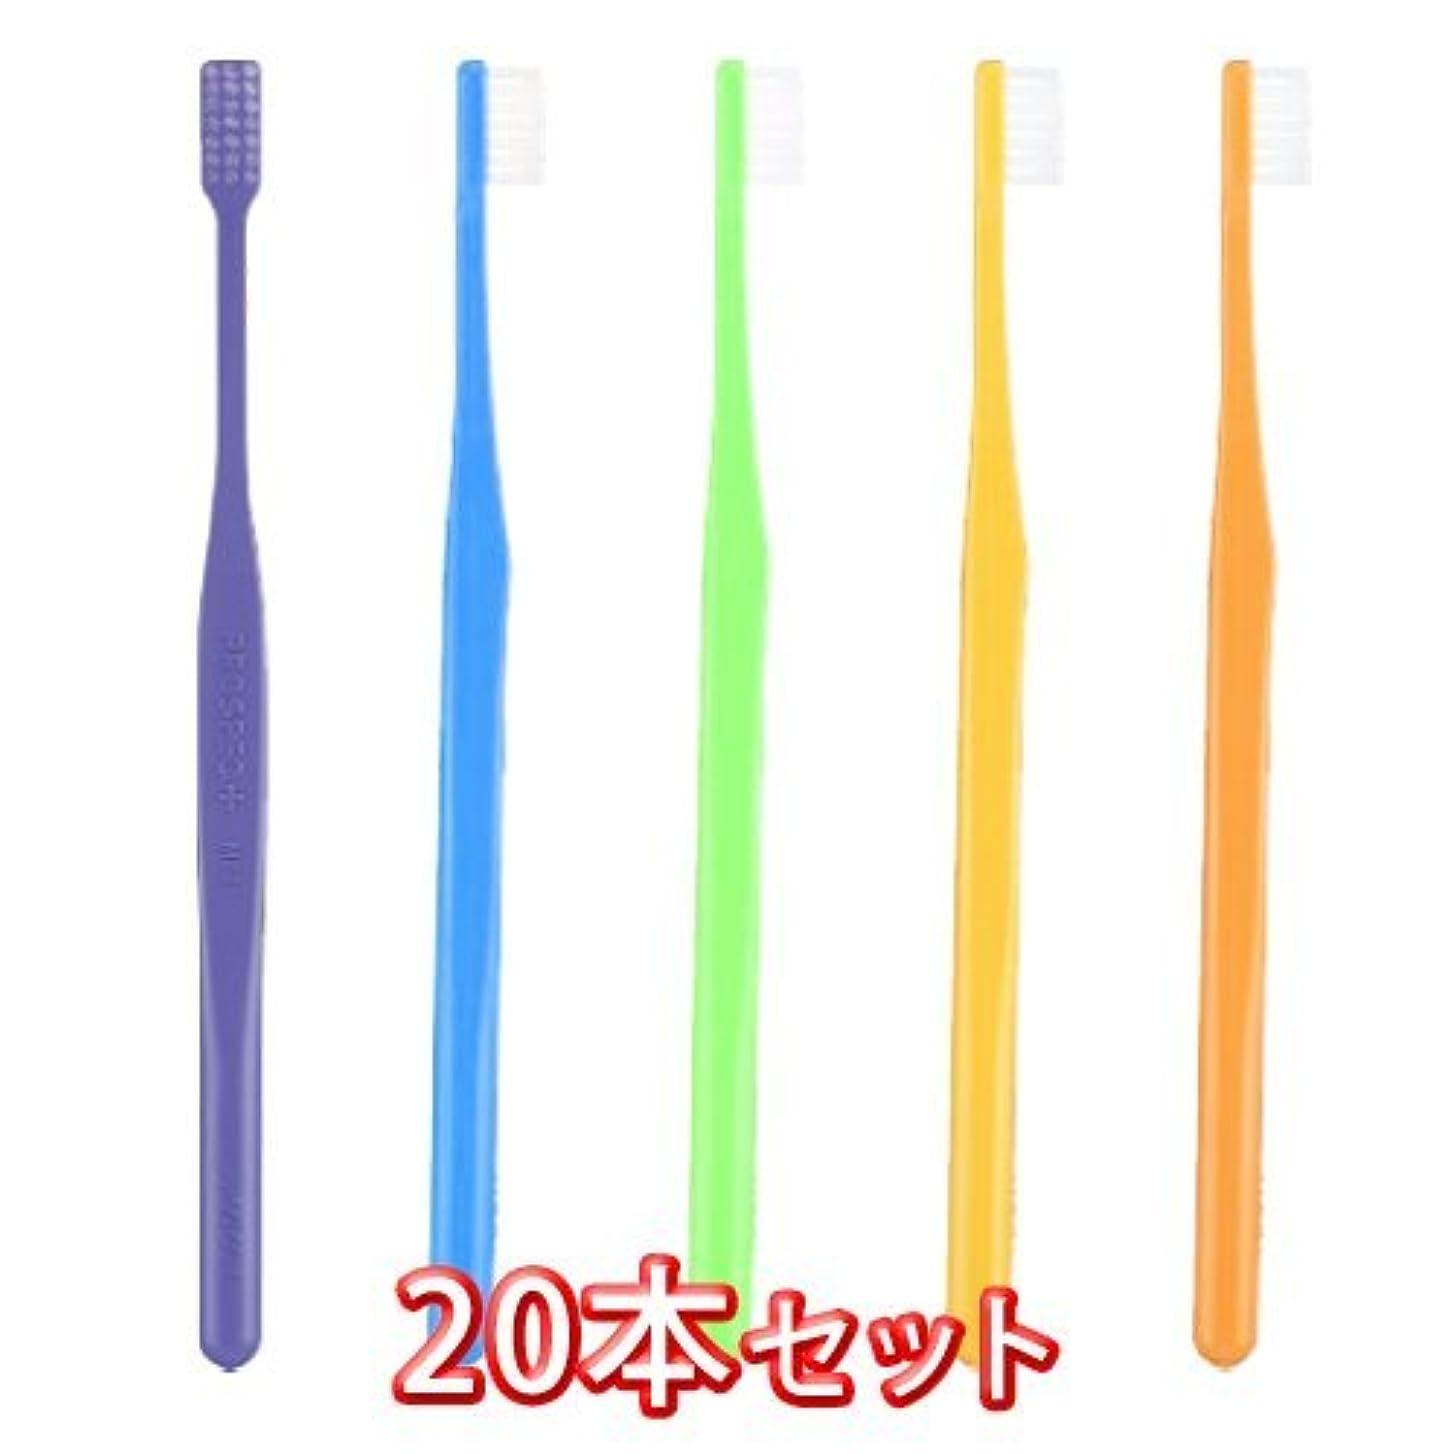 はちみつ水平過度にプロスペック プラス ミニ歯ブラシ 20本入